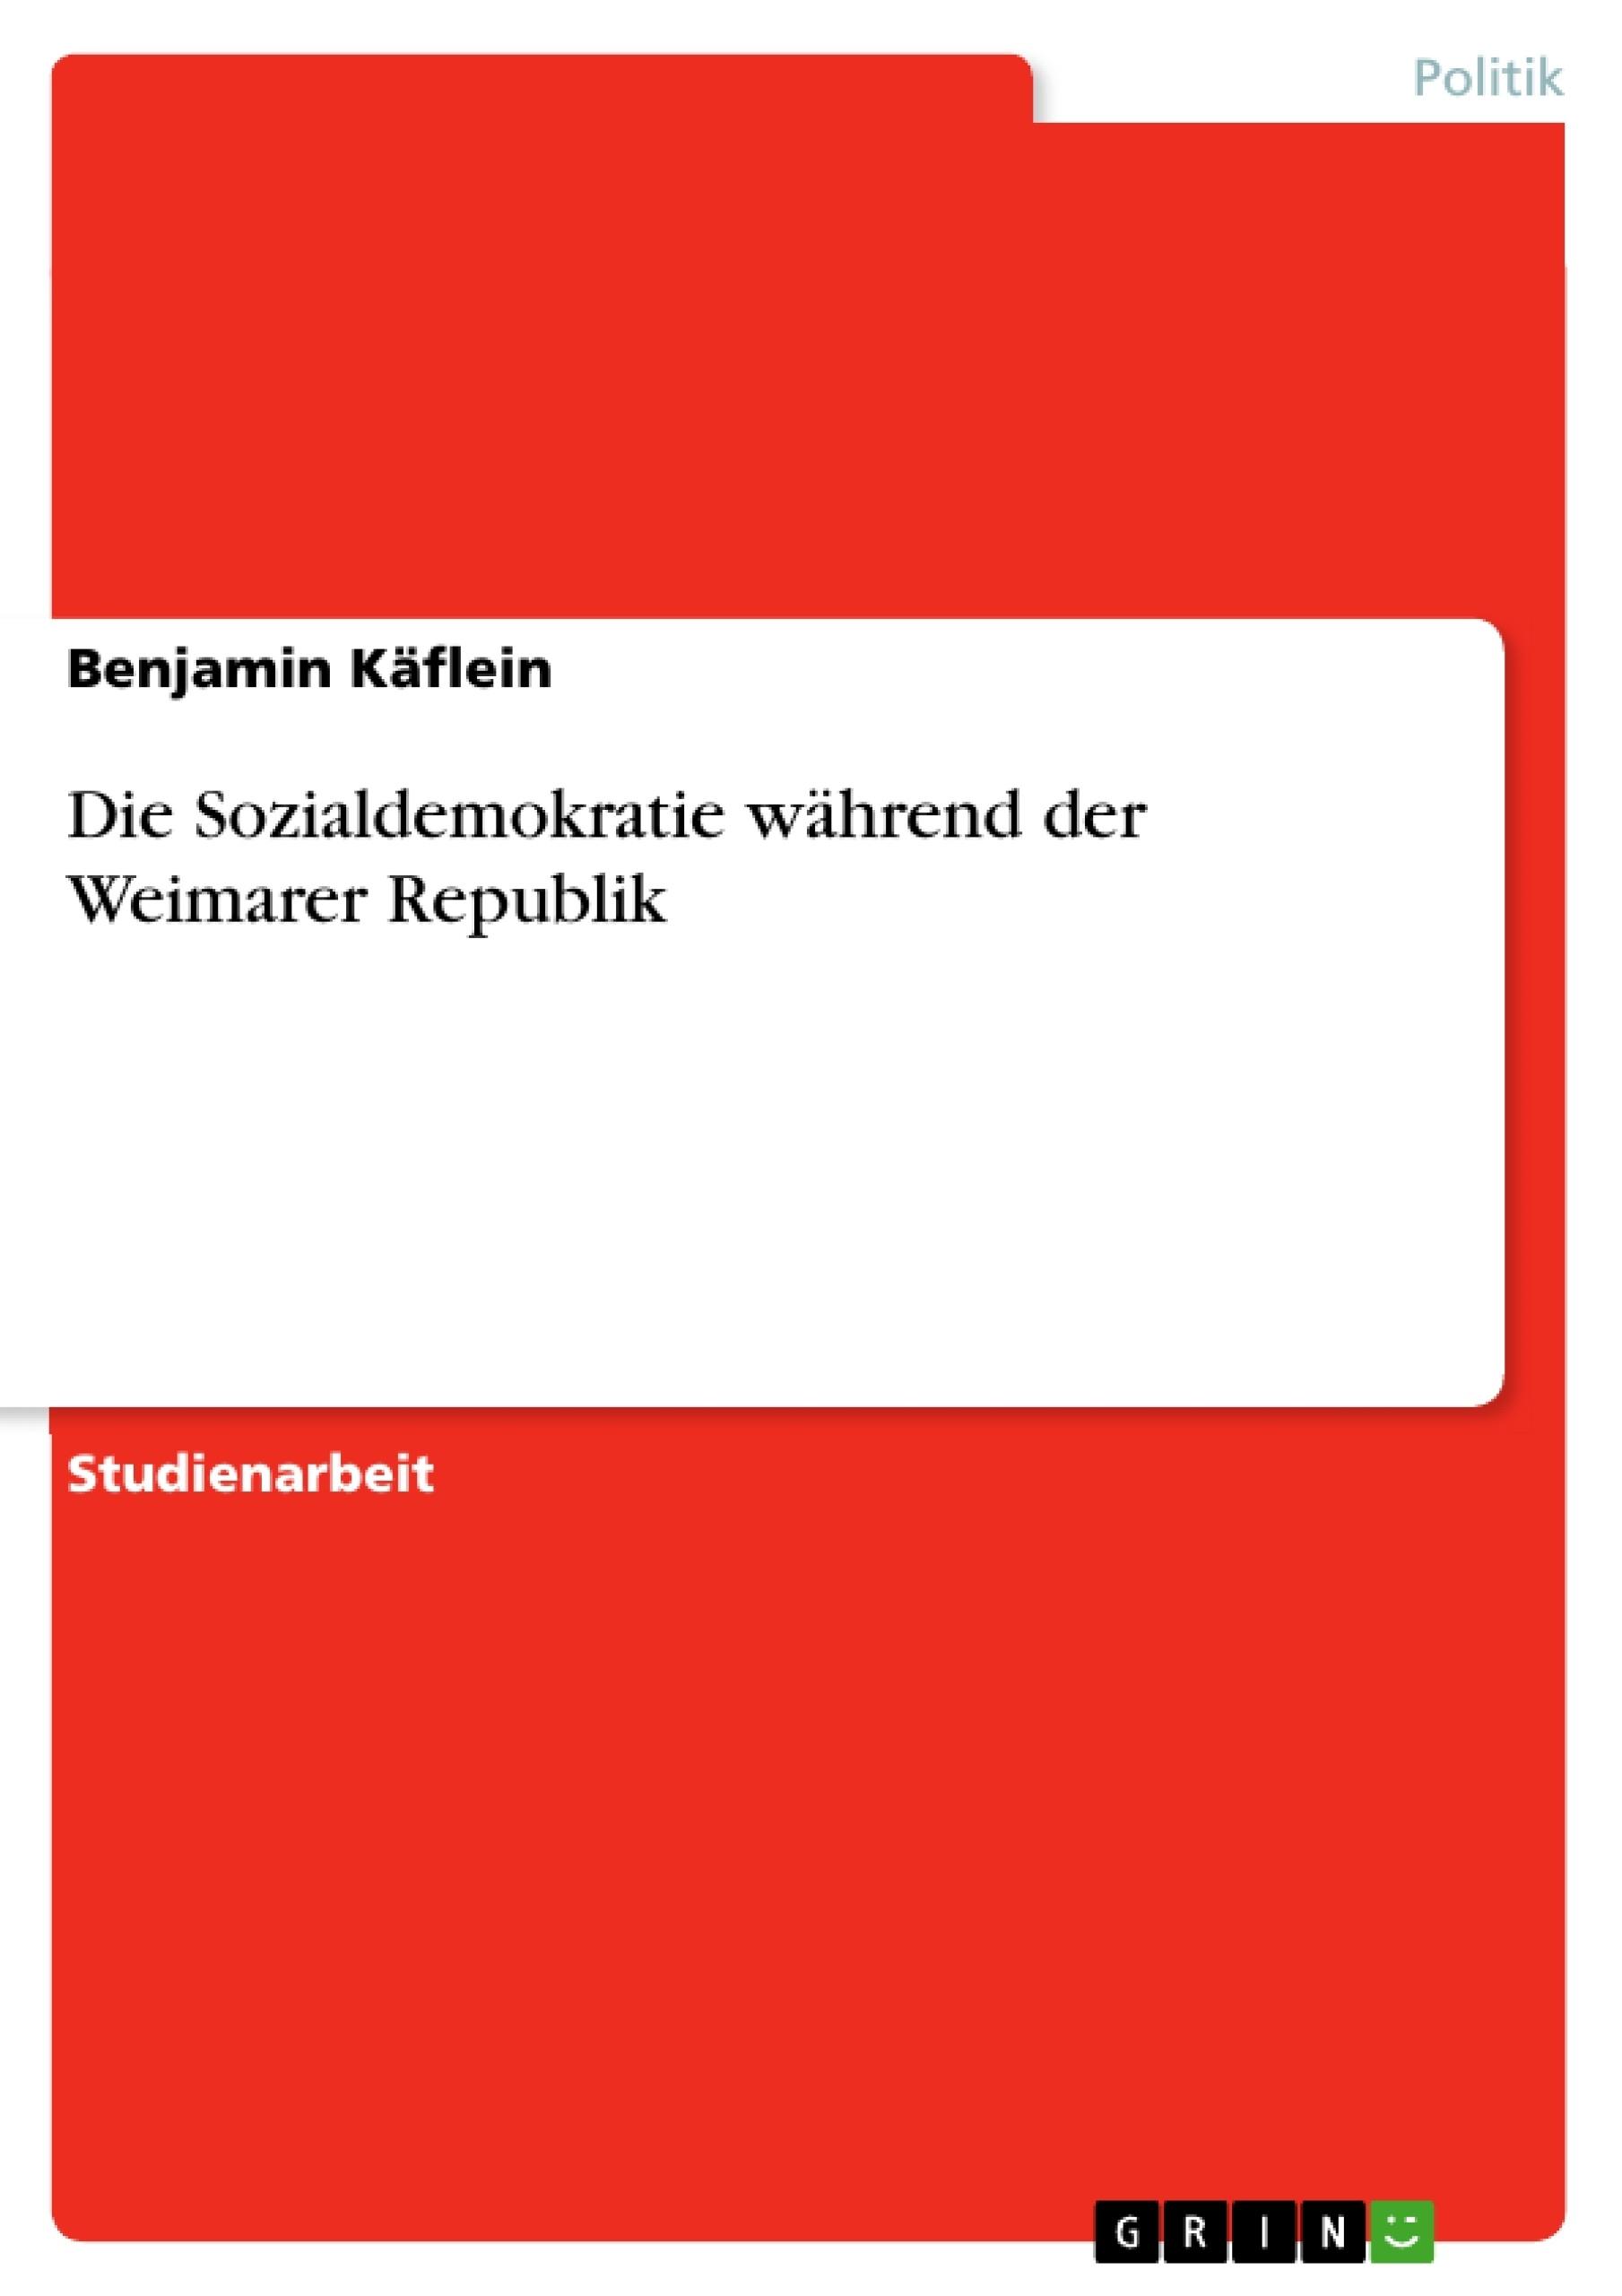 Titel: Die Sozialdemokratie während der Weimarer Republik